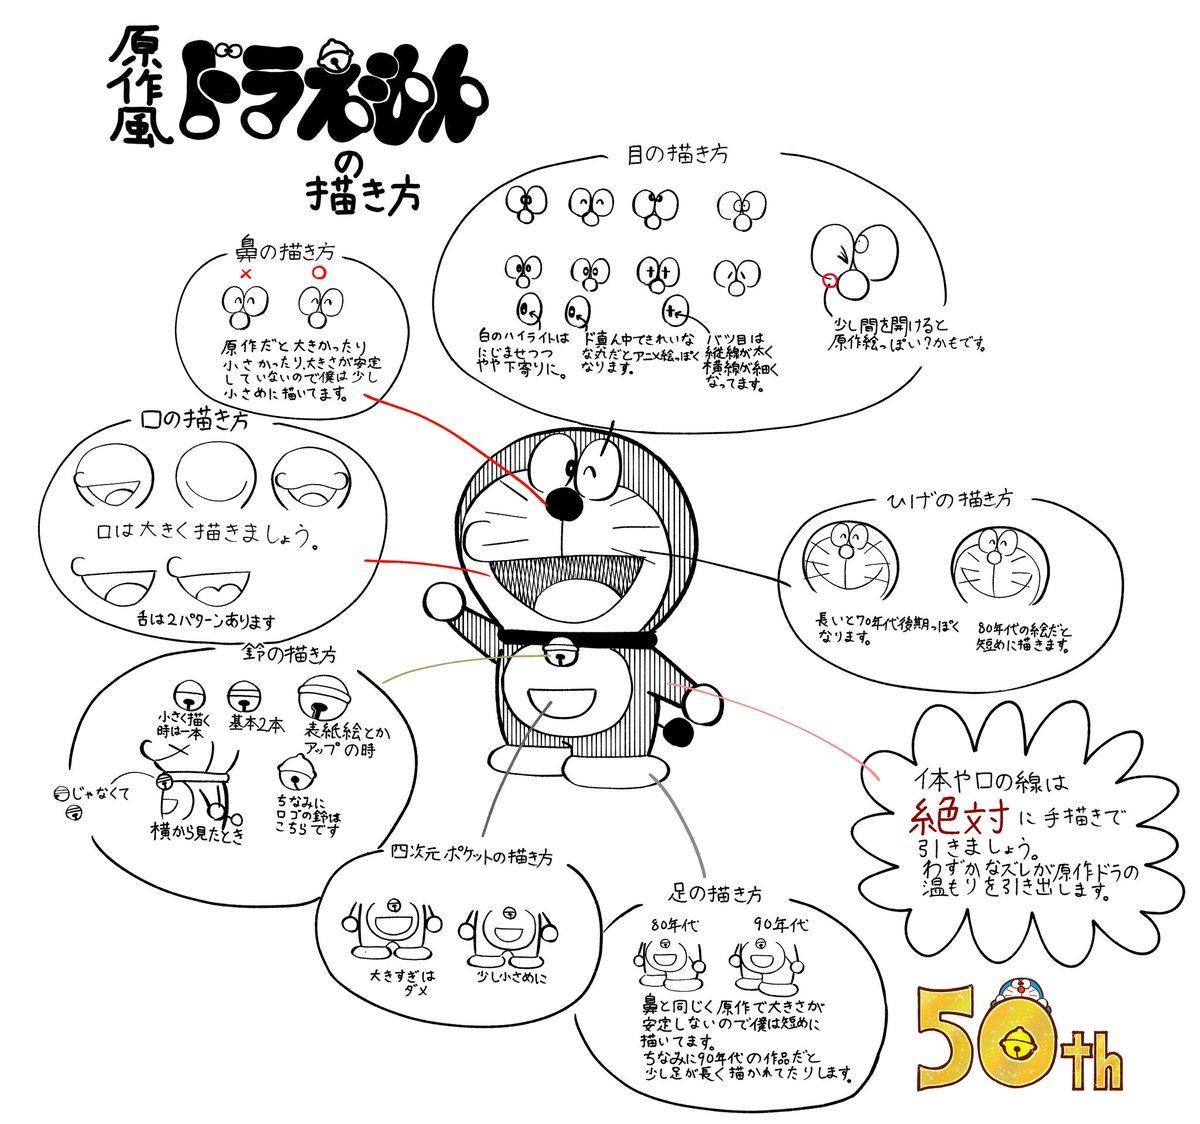 字が汚いのは勘弁してください笑 #ドラえもん #藤子・F・不二雄 #ドラえもん50周年 #ドラえもんの描き方